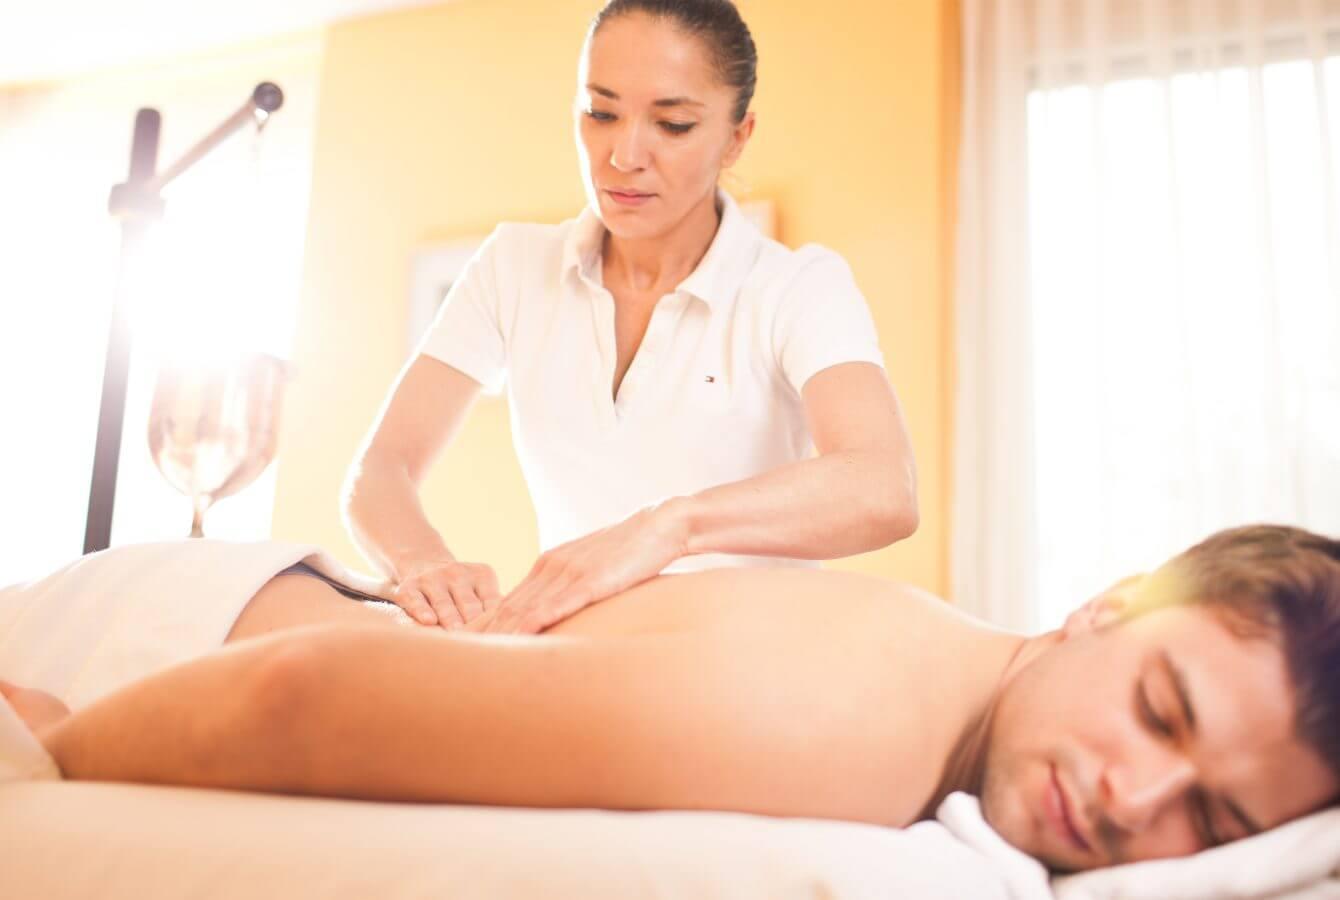 Massage, Erholung, Entspannung